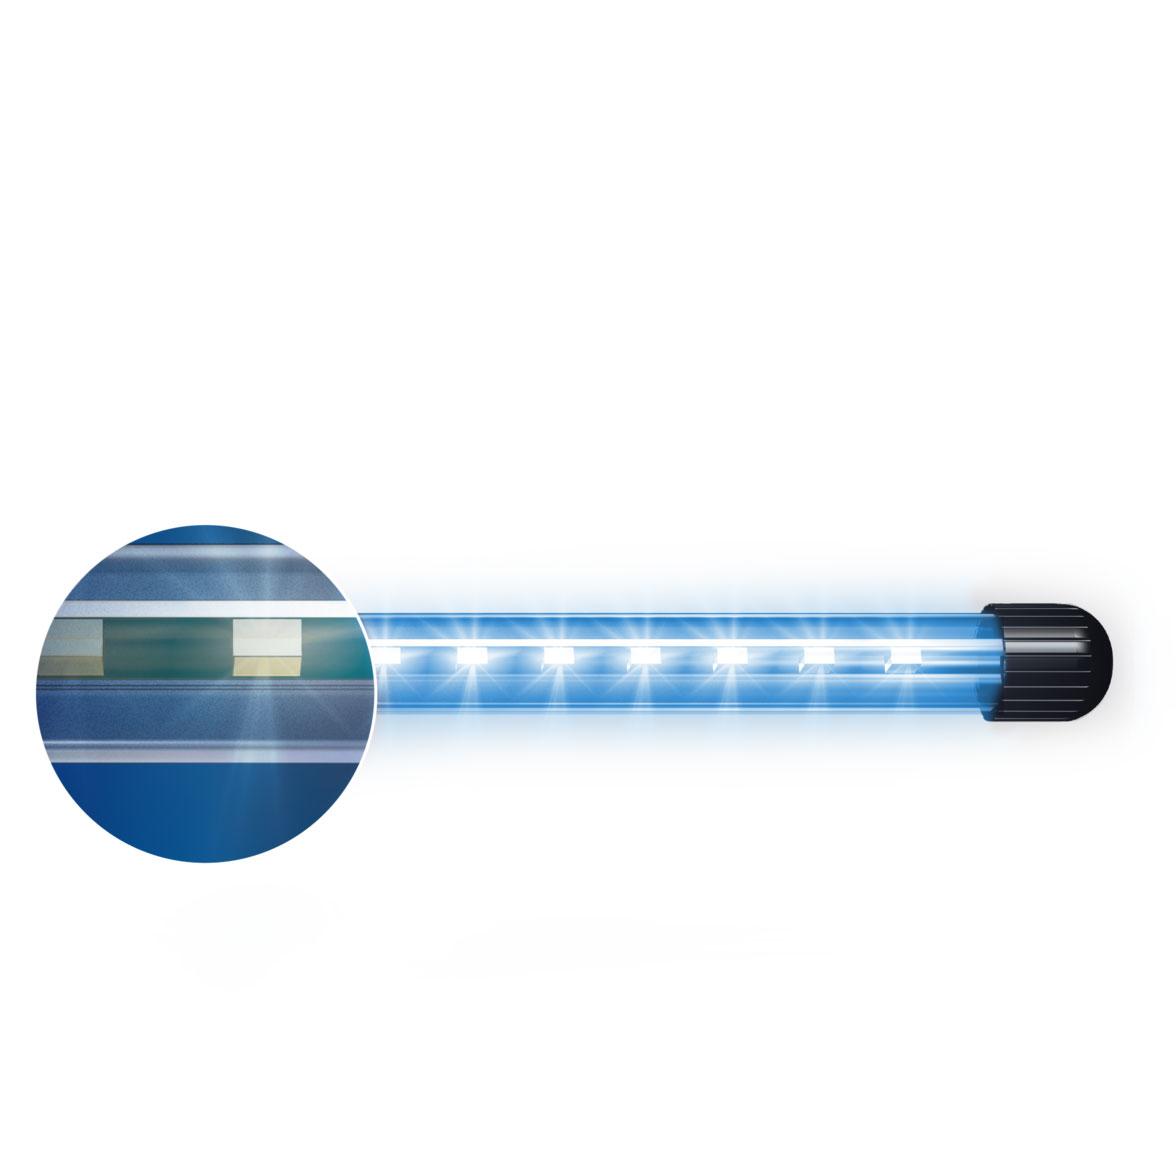 JUWEL NovoluxLED Aquarium Zusatzbeleuchtung, 40 blau, 5 Watt, 38,5 cm, 345 Lumen